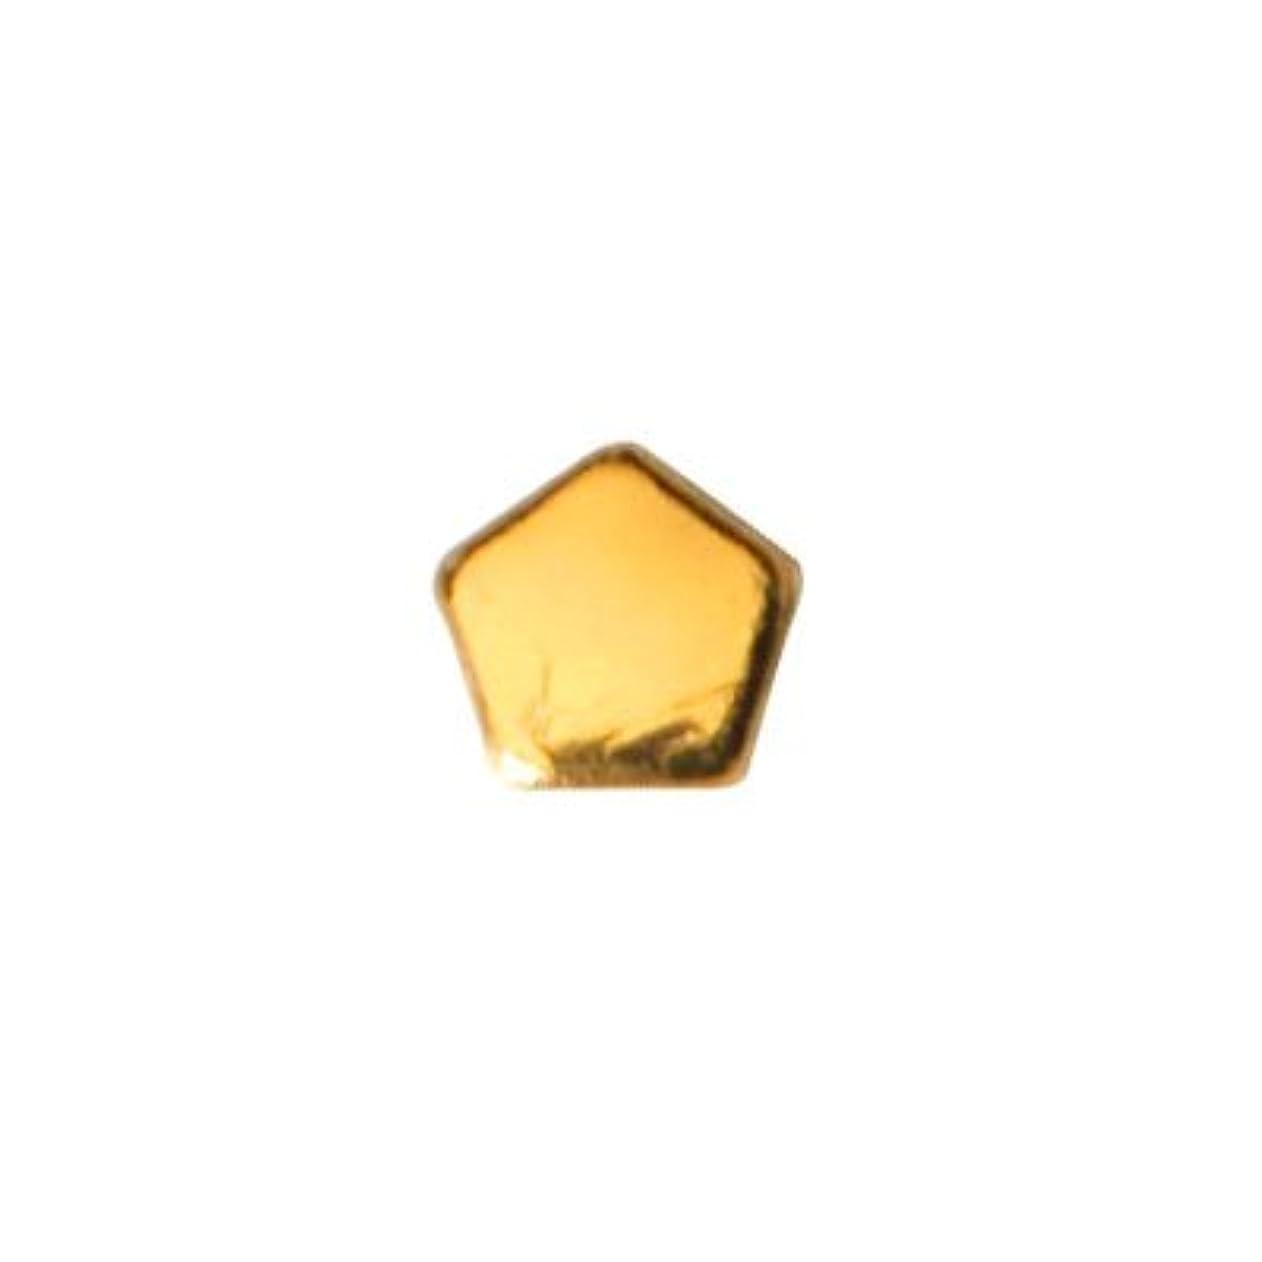 気味の悪いモトリー暴力的なピアドラ スタッズ ペンタゴン 2mm 50P ゴールド